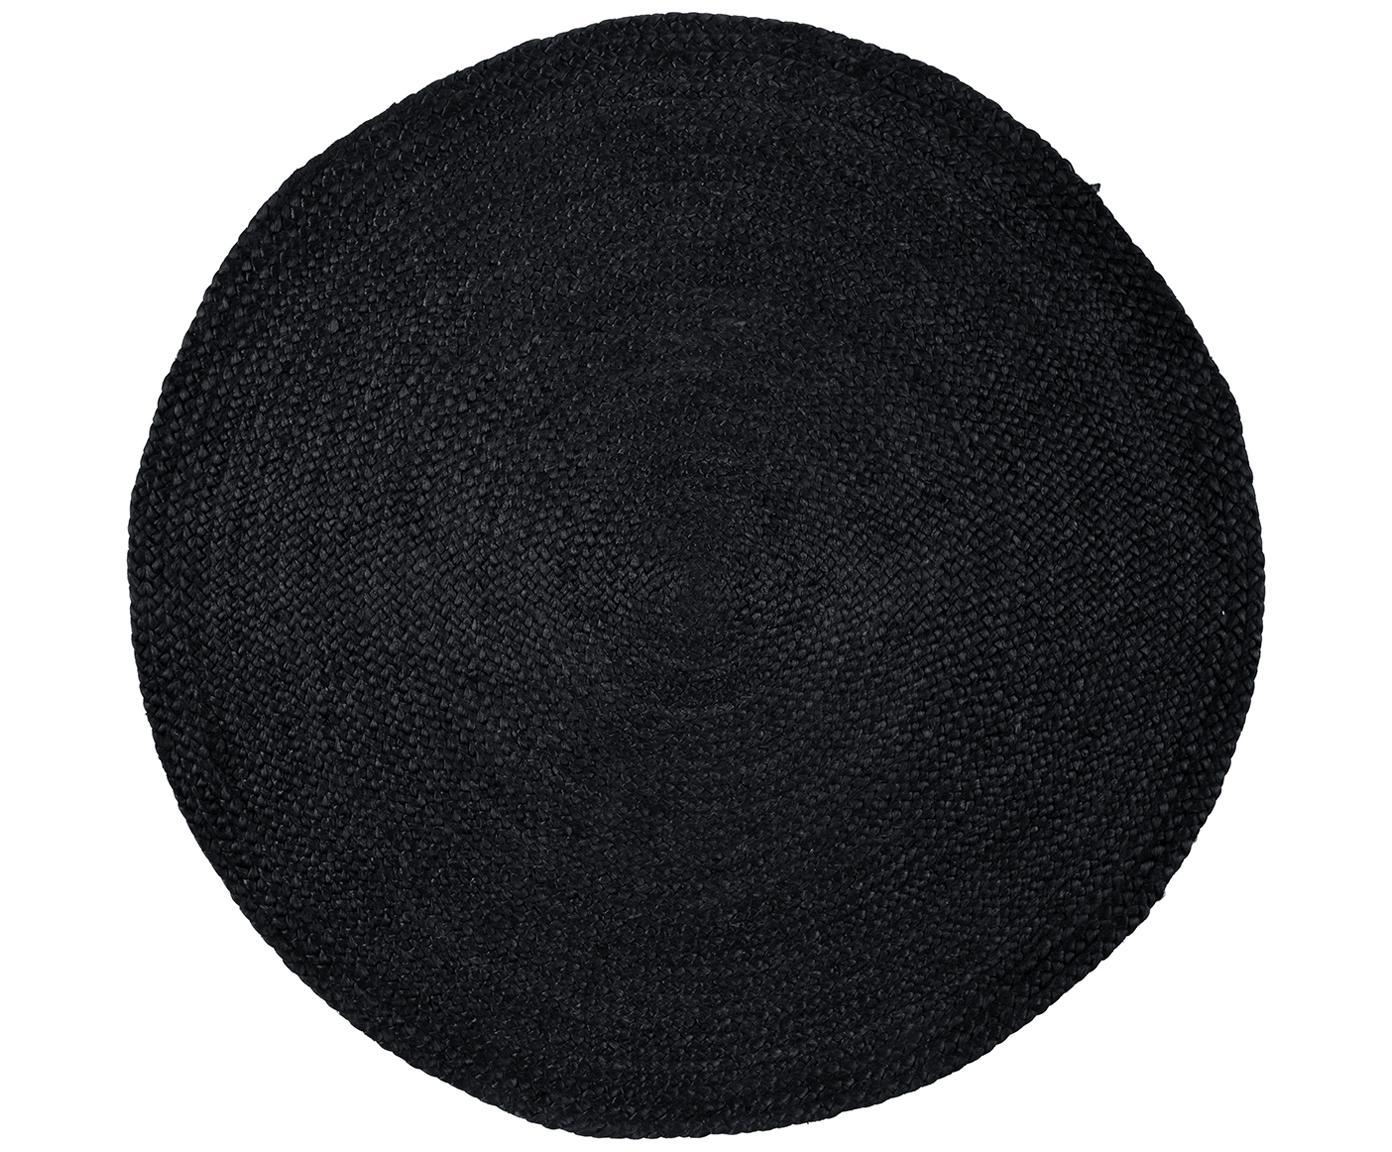 Runder Jute-Teppich Sheela in Schwarz, handgefertigt, Schwarz, Ø 100 cm (Grösse XS)